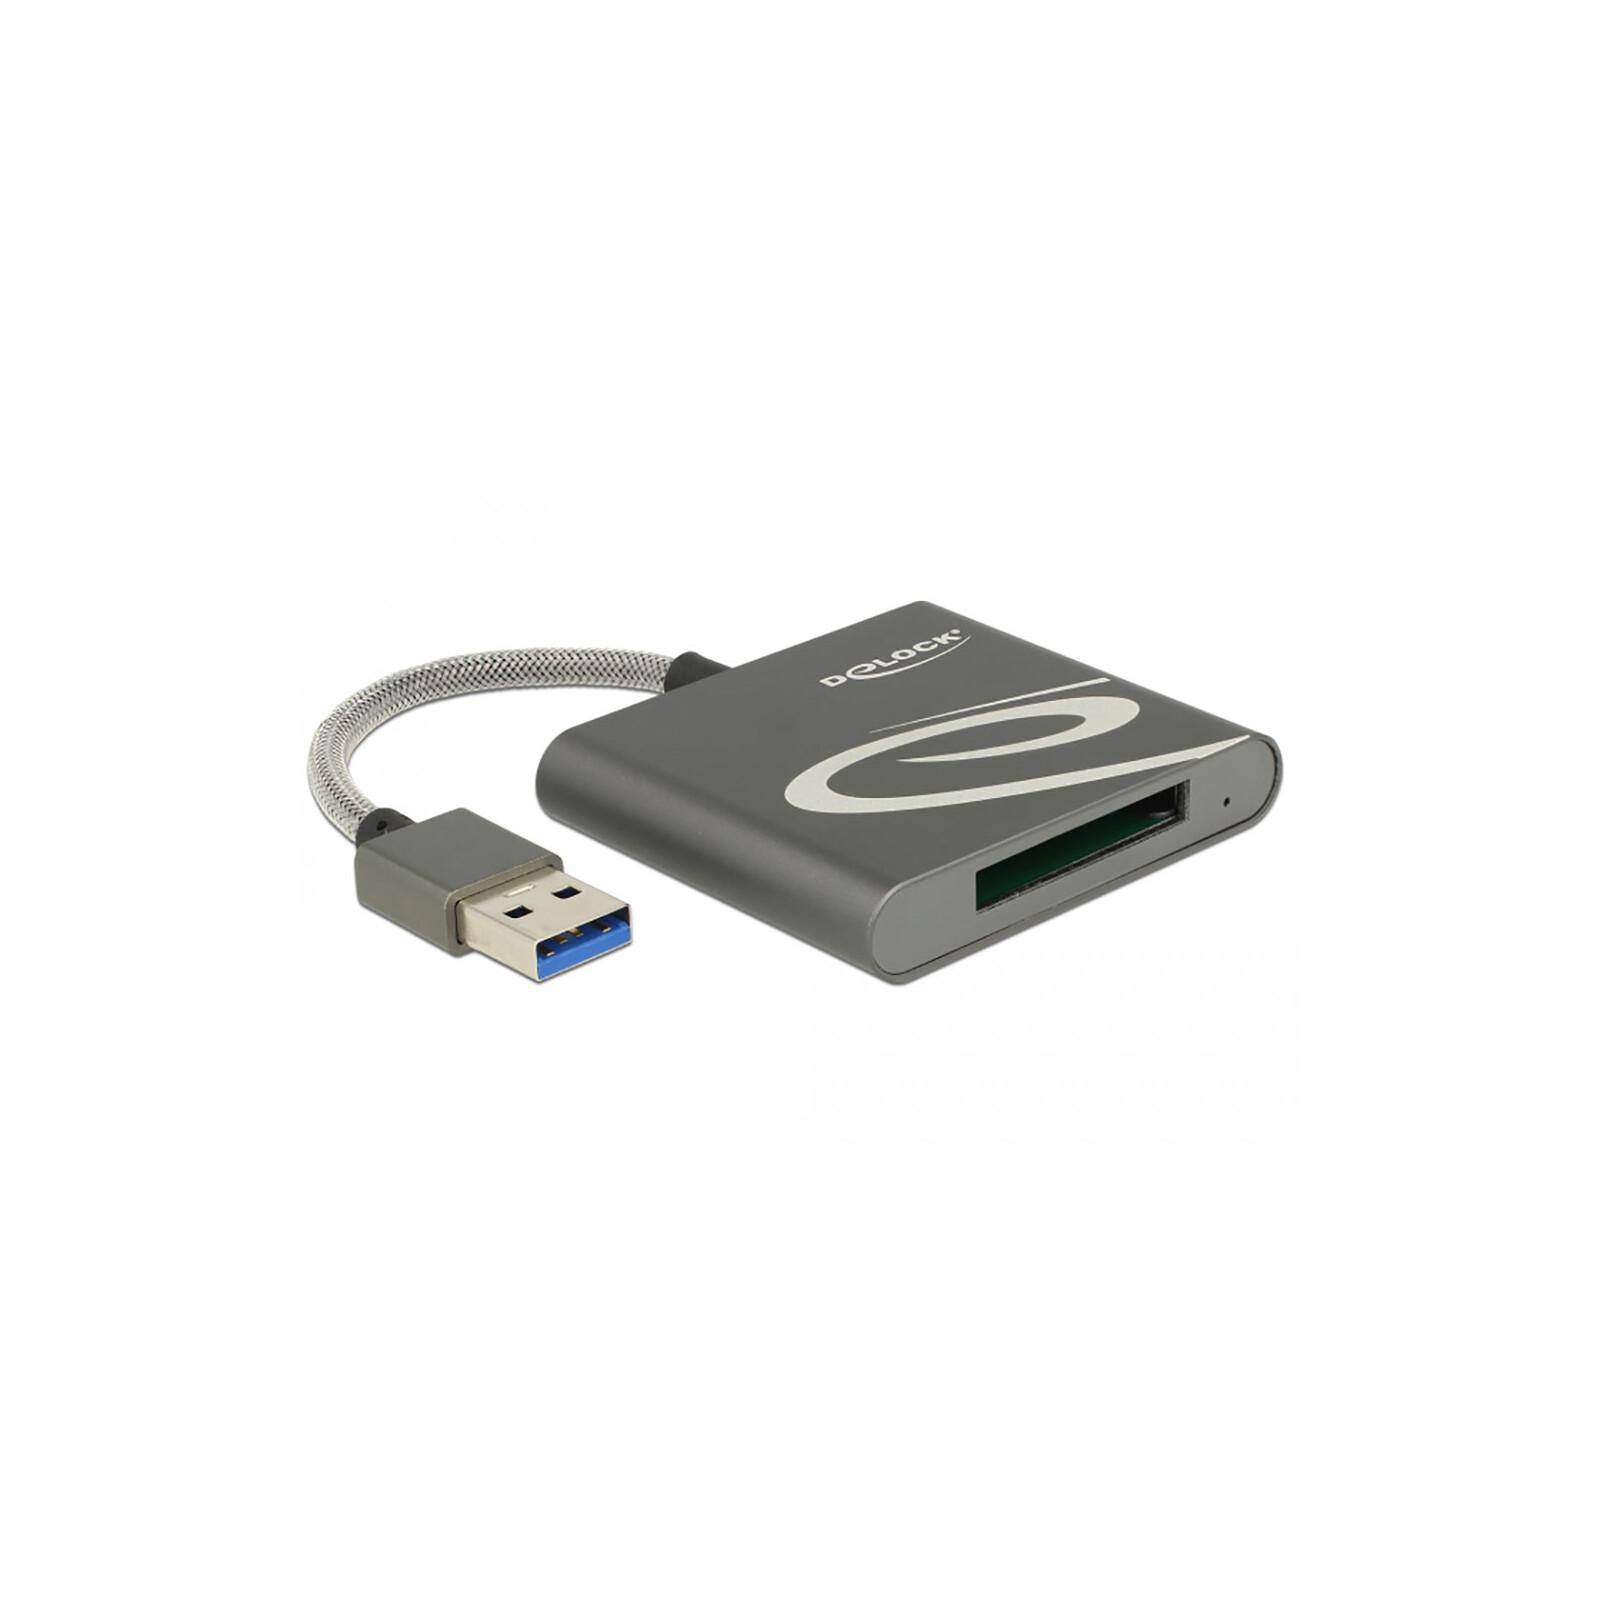 Delock 91583 XQD Reader USB 3.0